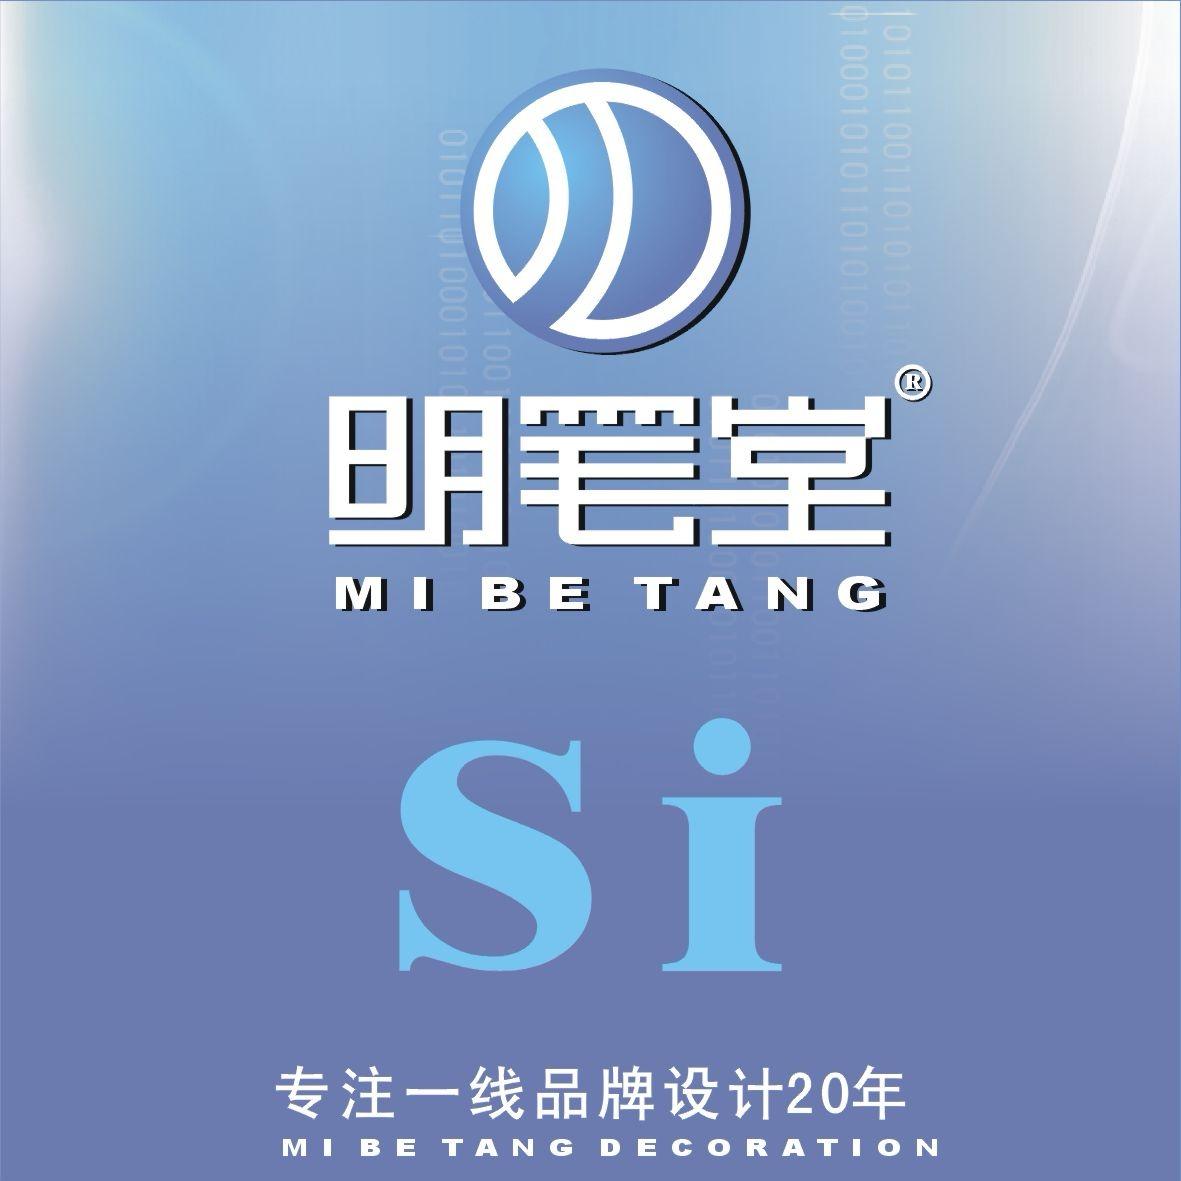 专业品牌SI 设计 /珠宝店/潮牌服装店/展厅 设计 /购物空间 设计